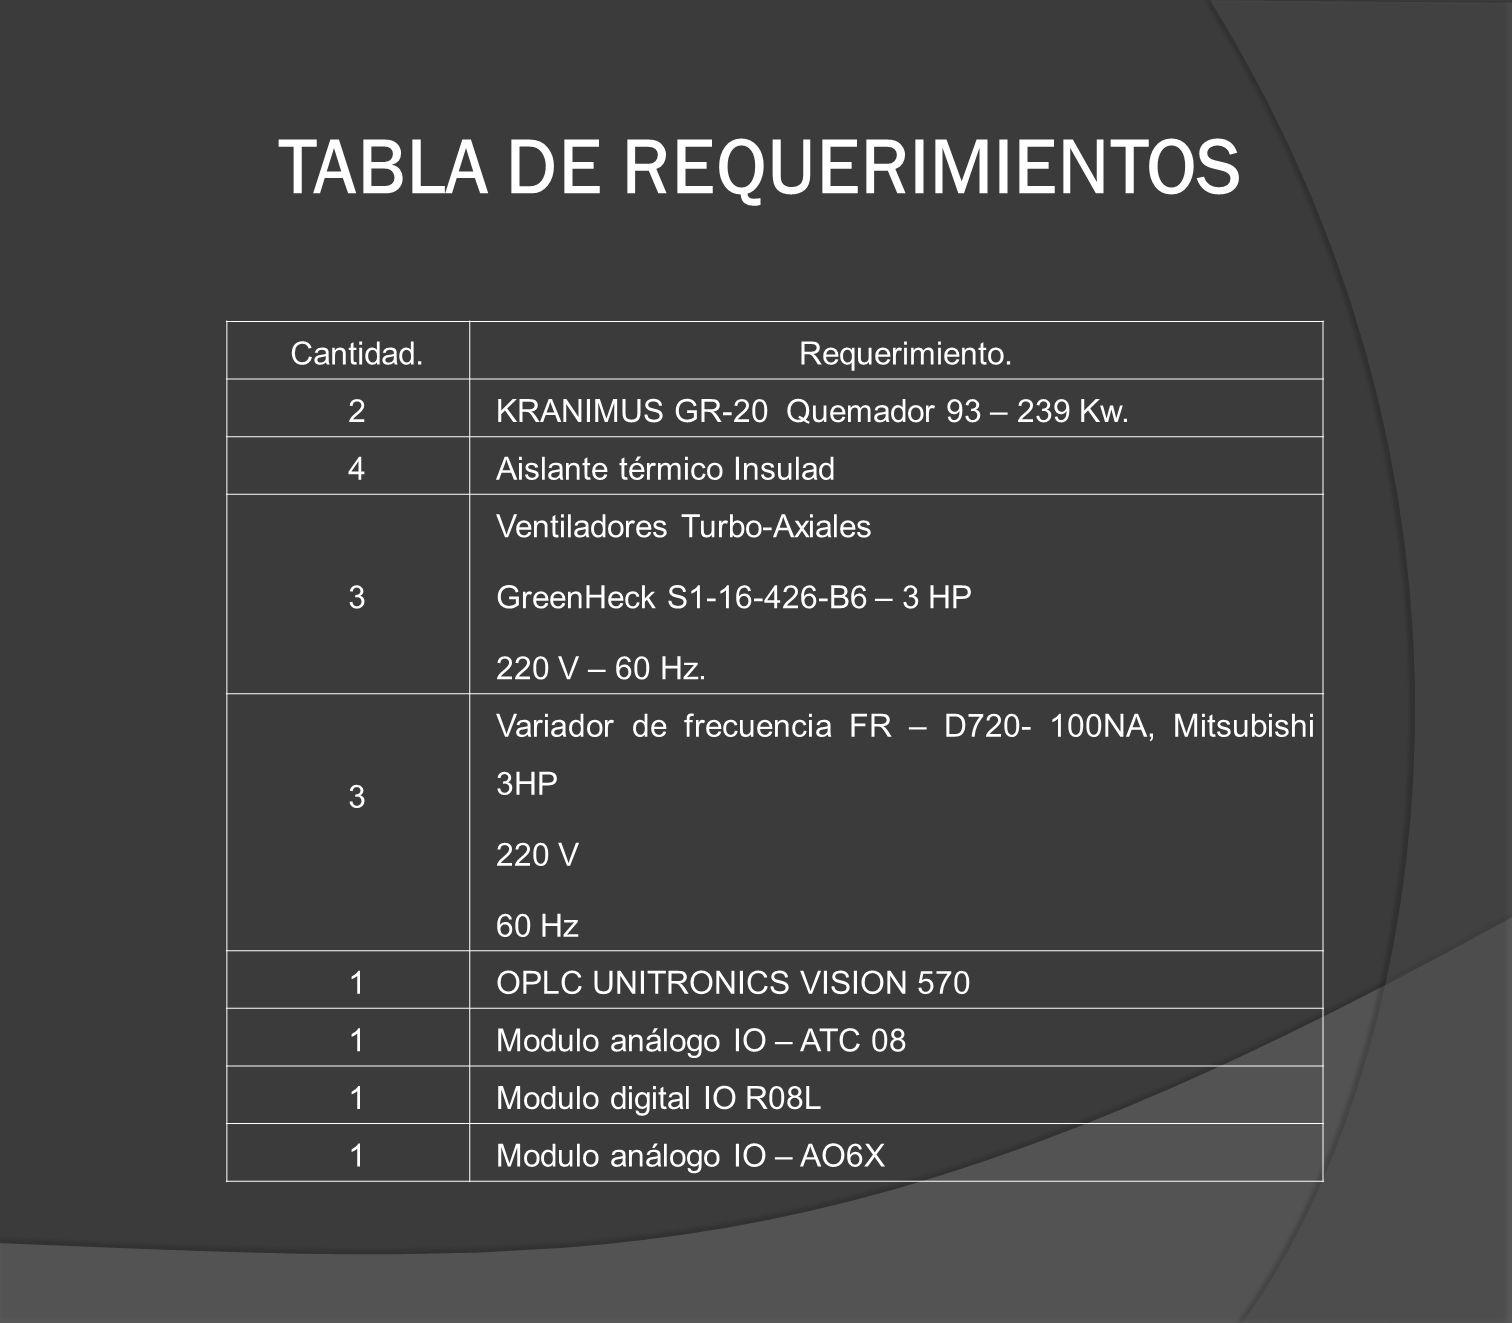 TABLA DE REQUERIMIENTOS Cantidad.Requerimiento. 2KRANIMUS GR-20 Quemador 93 – 239 Kw. 4Aislante térmico Insulad 3 Ventiladores Turbo-Axiales GreenHeck